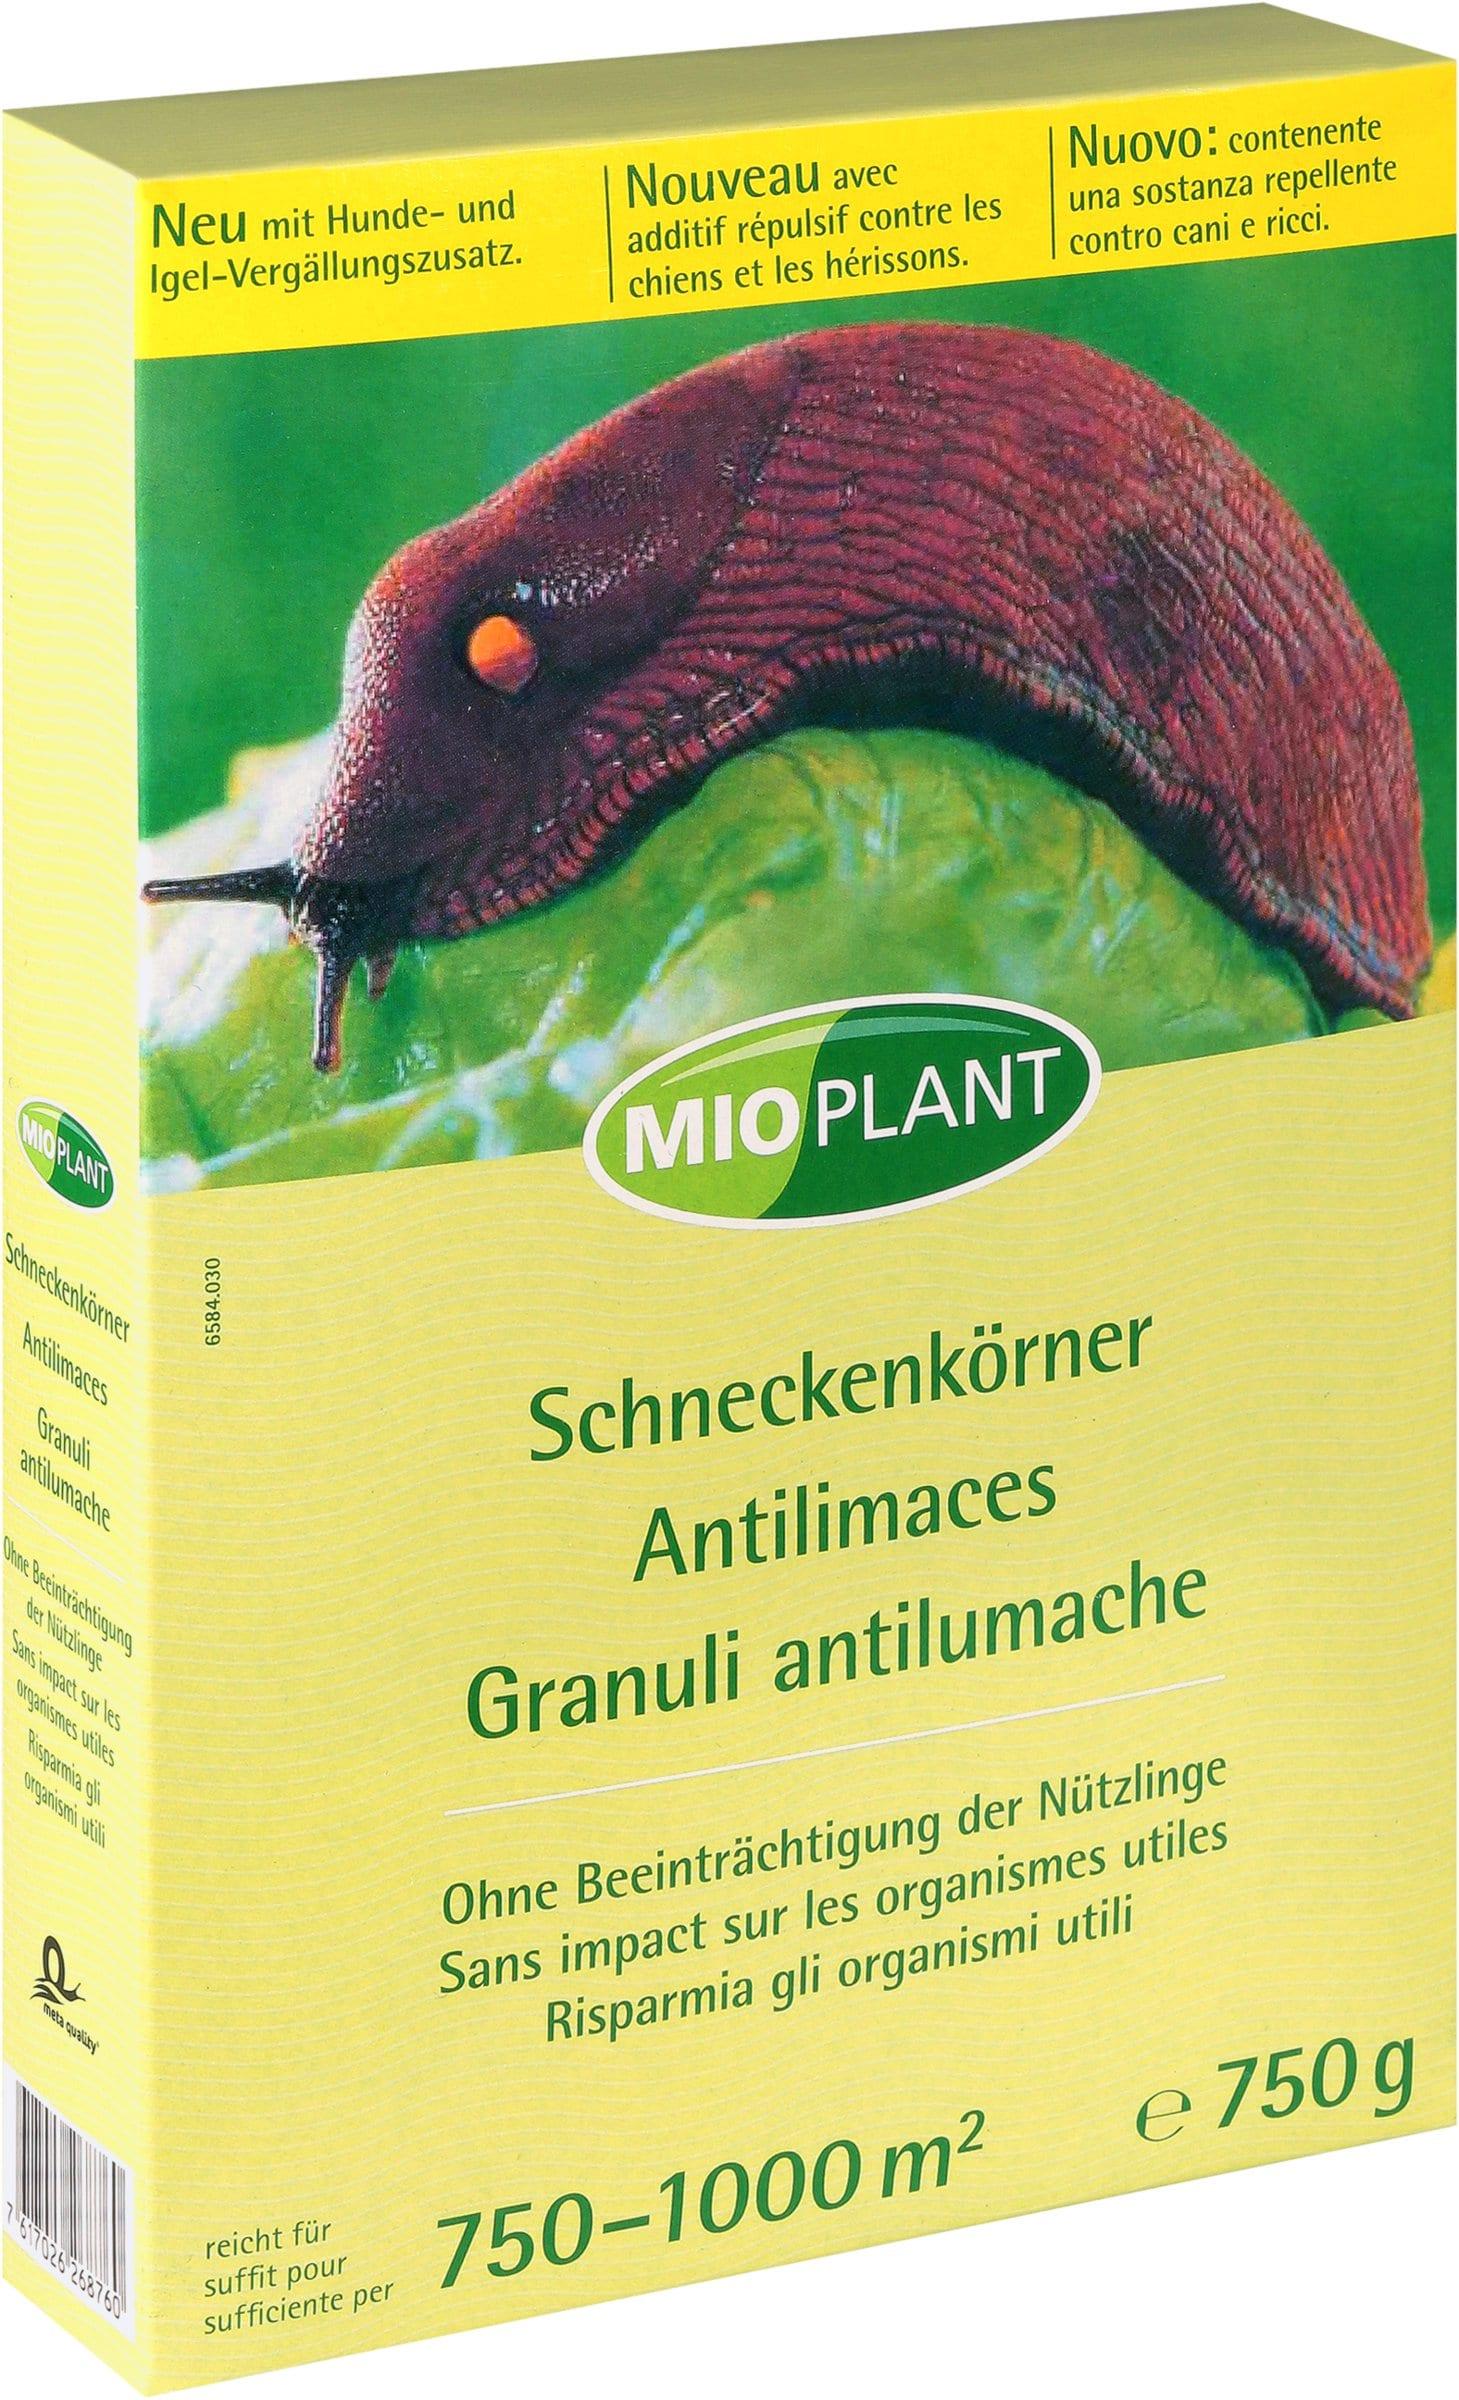 Mioplant Antilimaces, 750 g